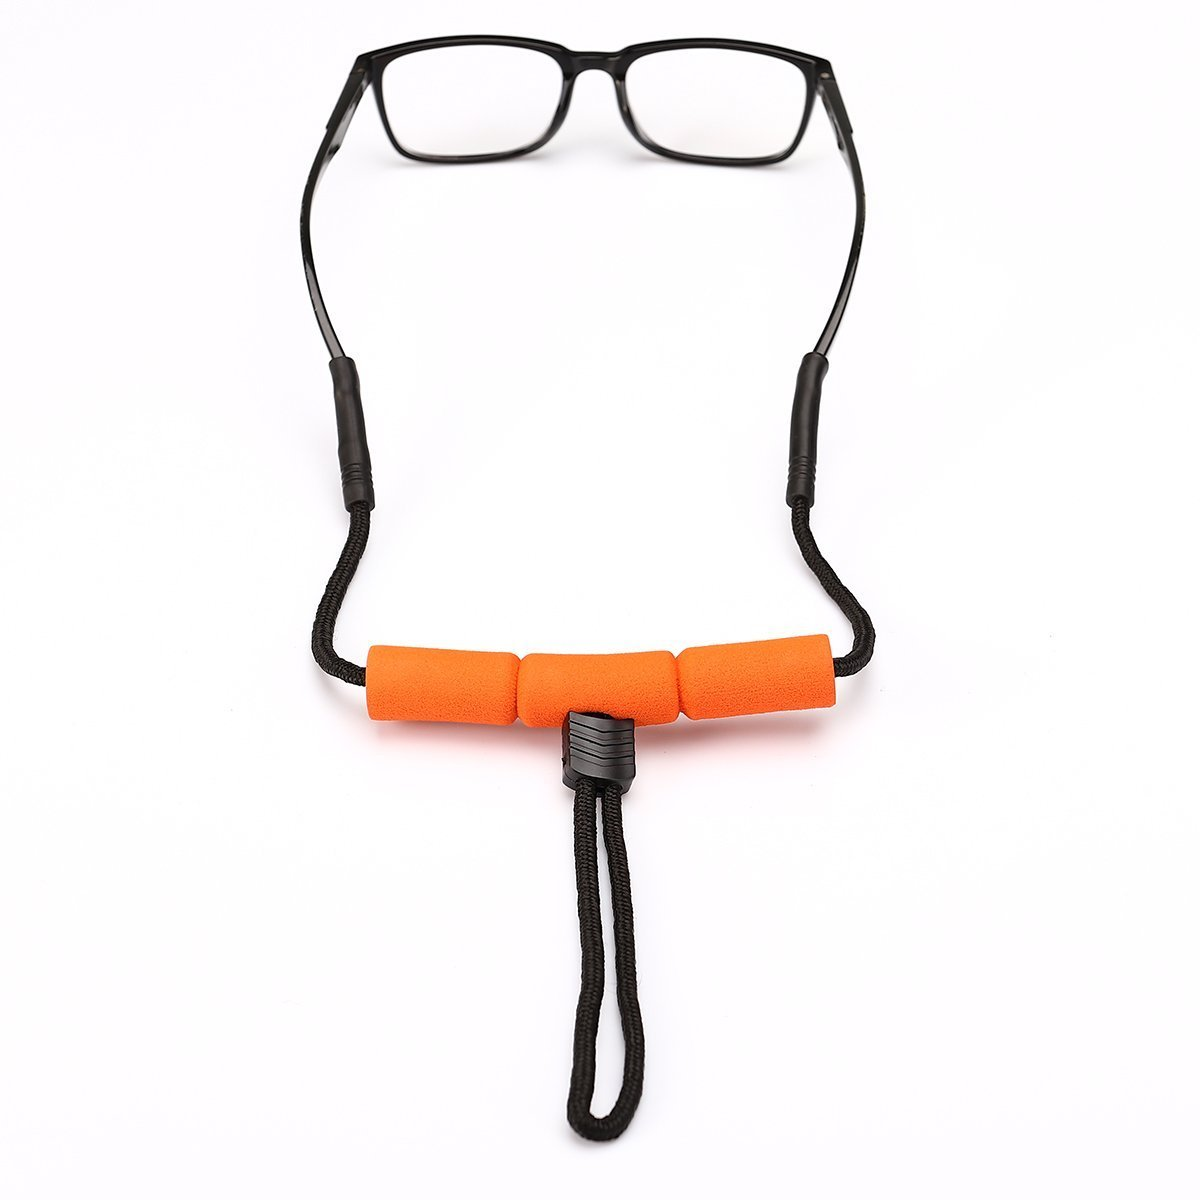 SGerste flottant Lunettes en forme de lunettes de soleil Sangle de fixation pour sangle de lunettes de lecture pour sports d'eau Rafting Drift FIS Zr3BSSPoS